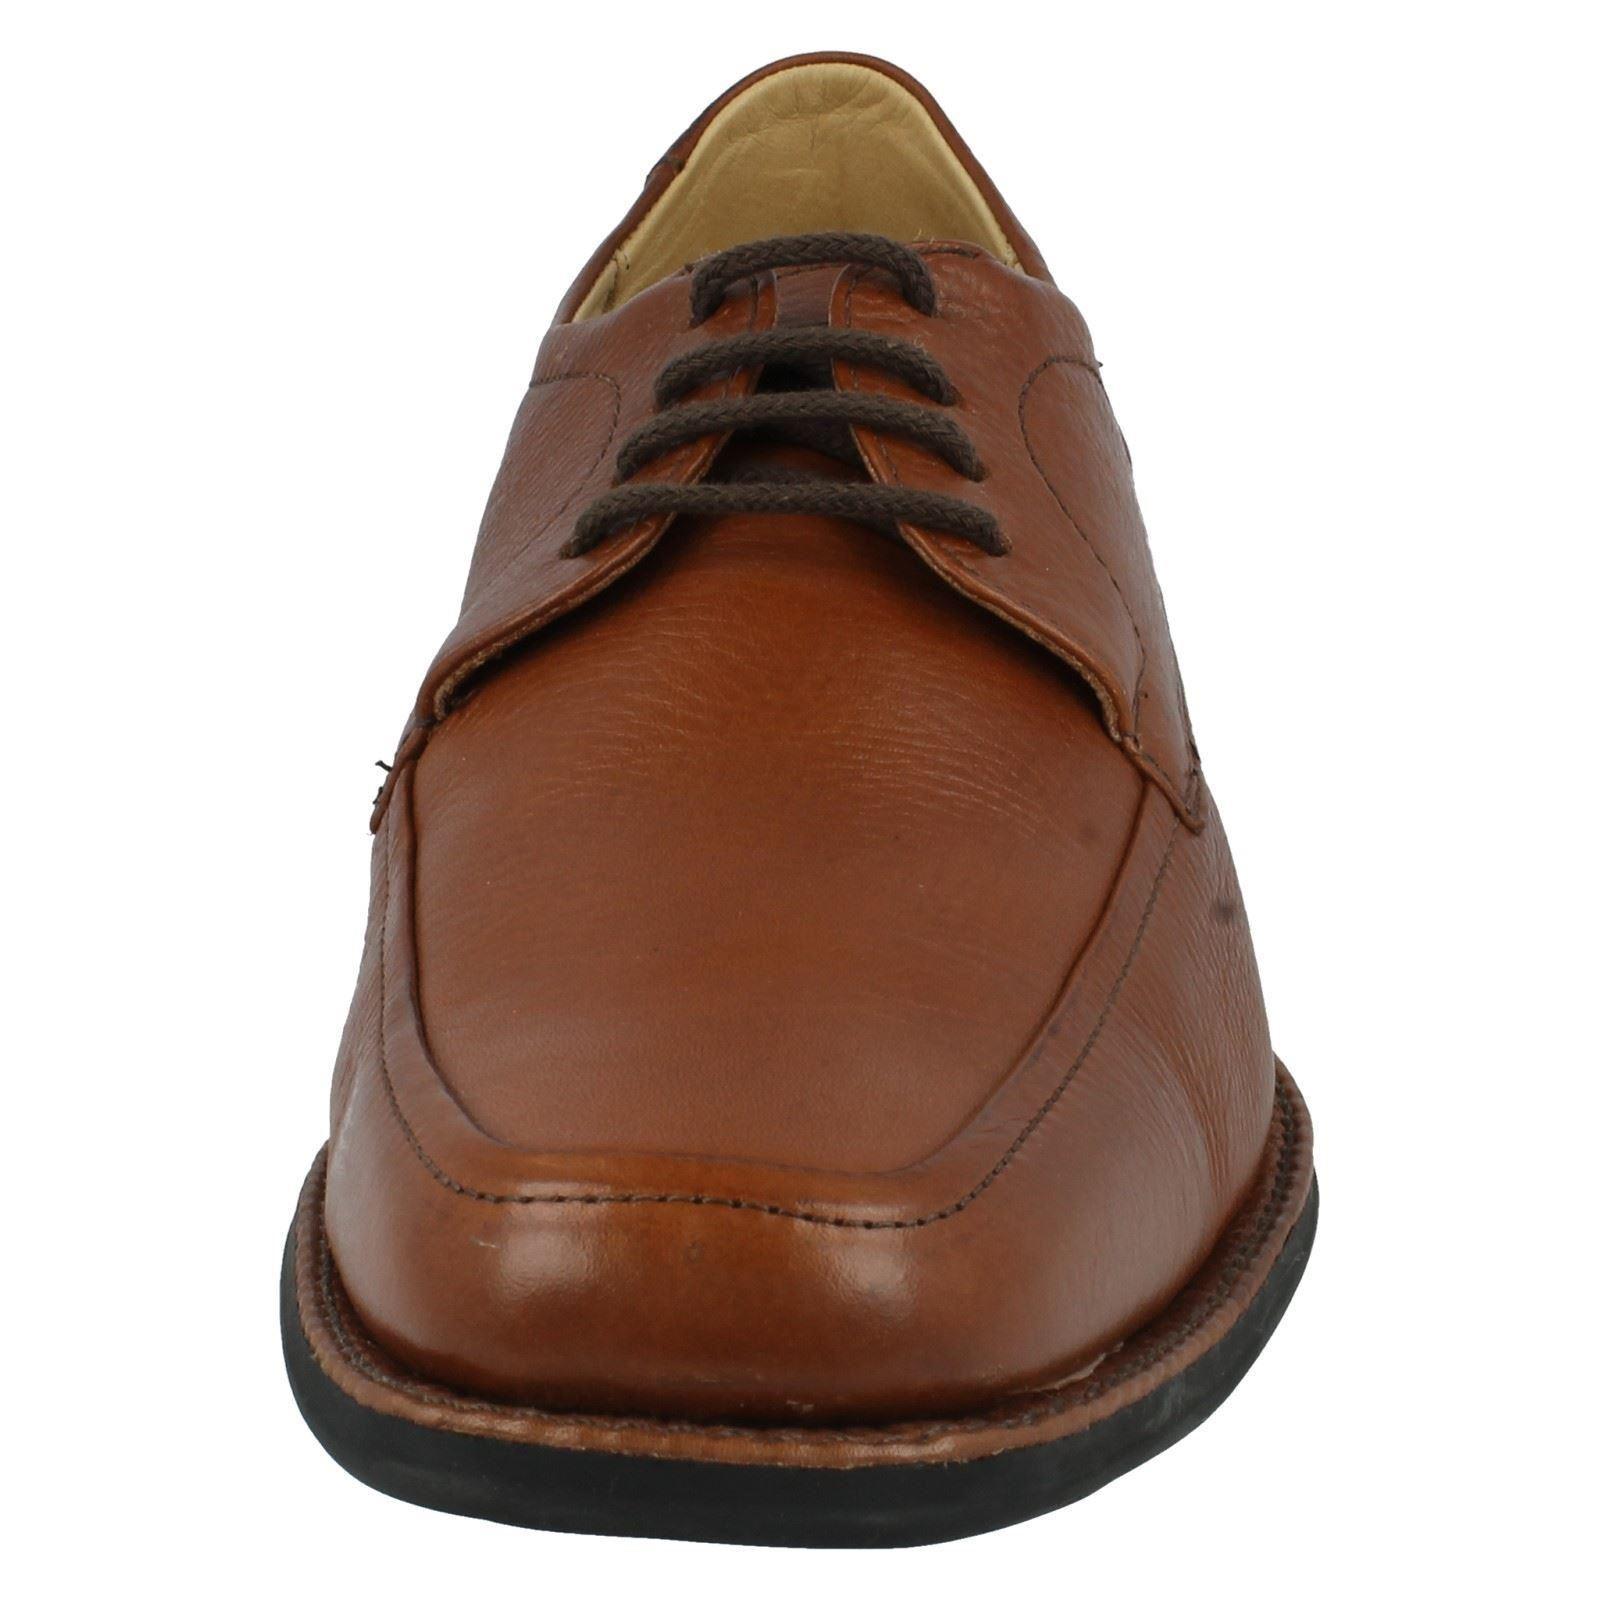 Messieurs / anatomic Dames Homme anatomic / & Co formelle chaussures-Novais à vous de choisir A une longue réputation Ne vous inquiétez pas lorsque vous magasinez 25868d